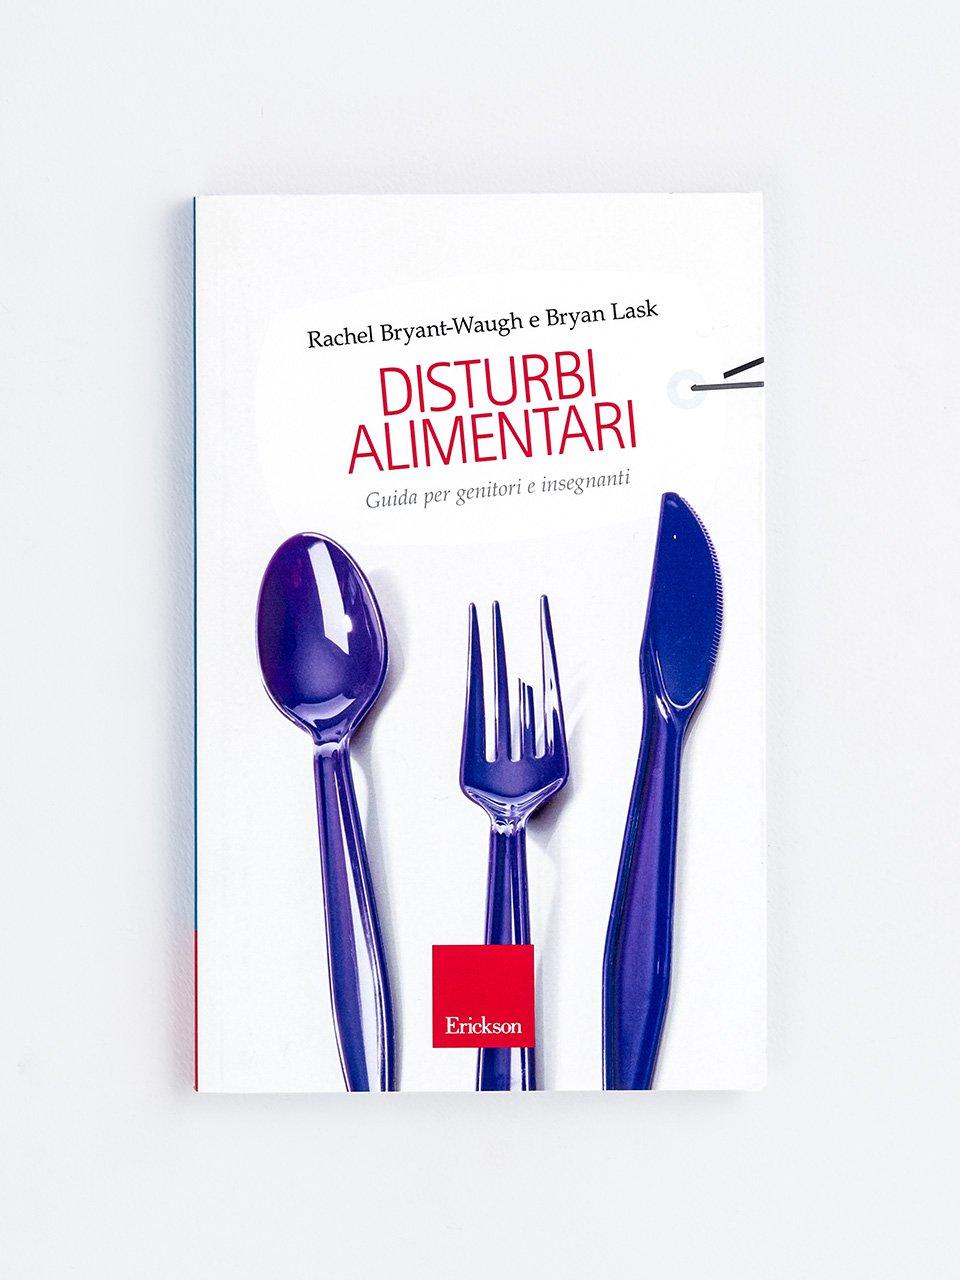 Disturbi alimentari - La terapia cognitivo-comportamentale multistep per - Libri - Erickson